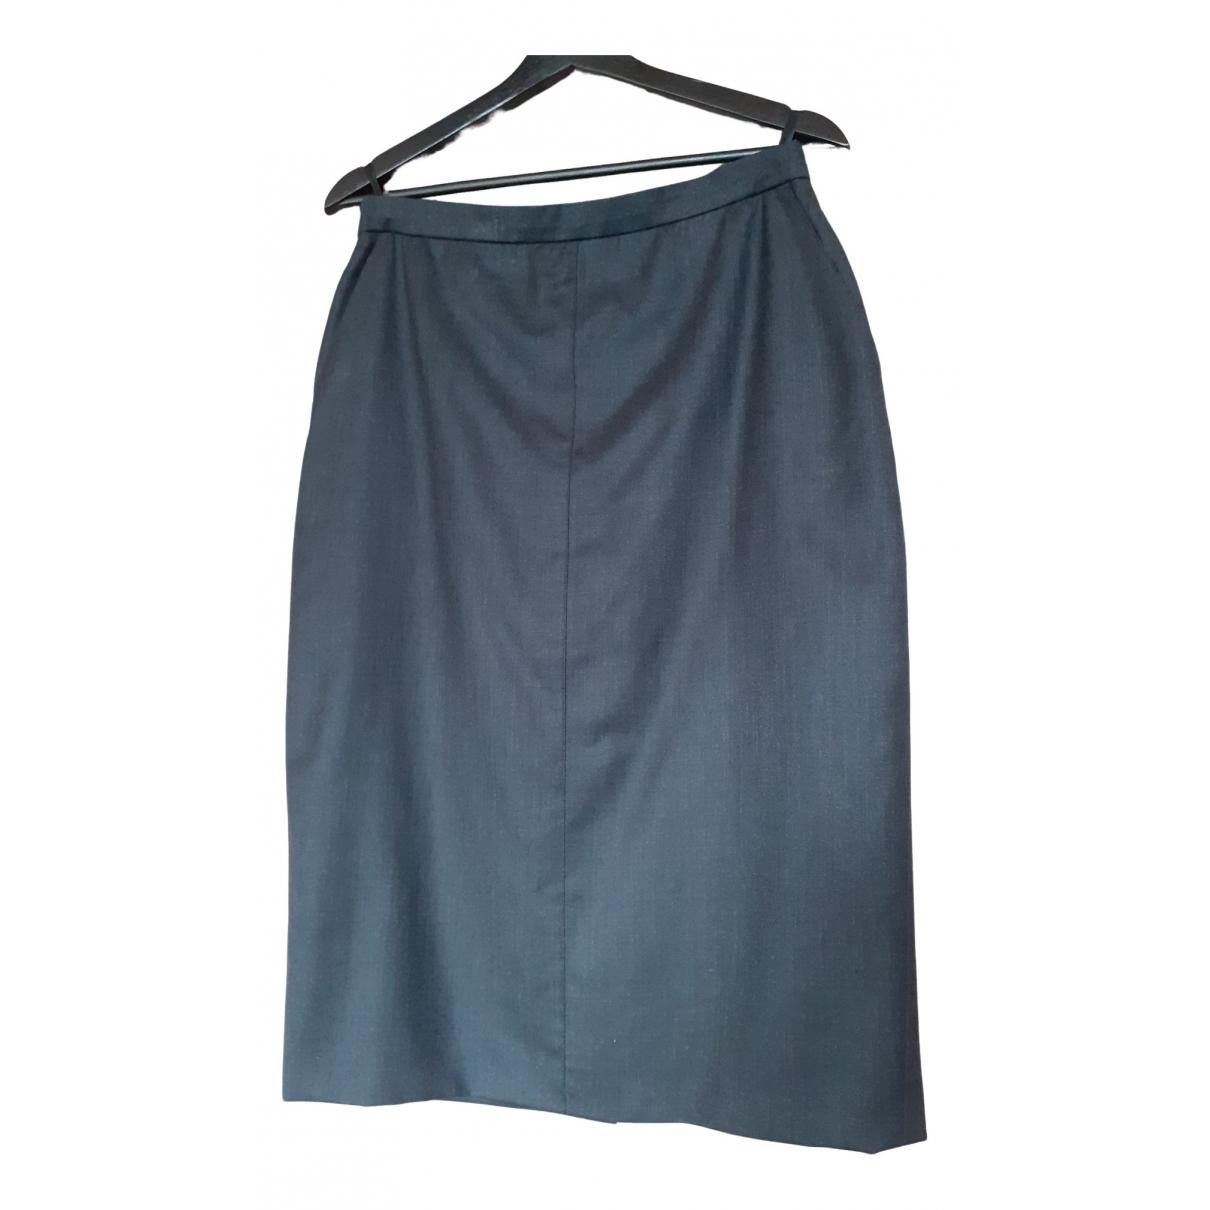 Escada - Jupe   pour femme en laine - anthracite